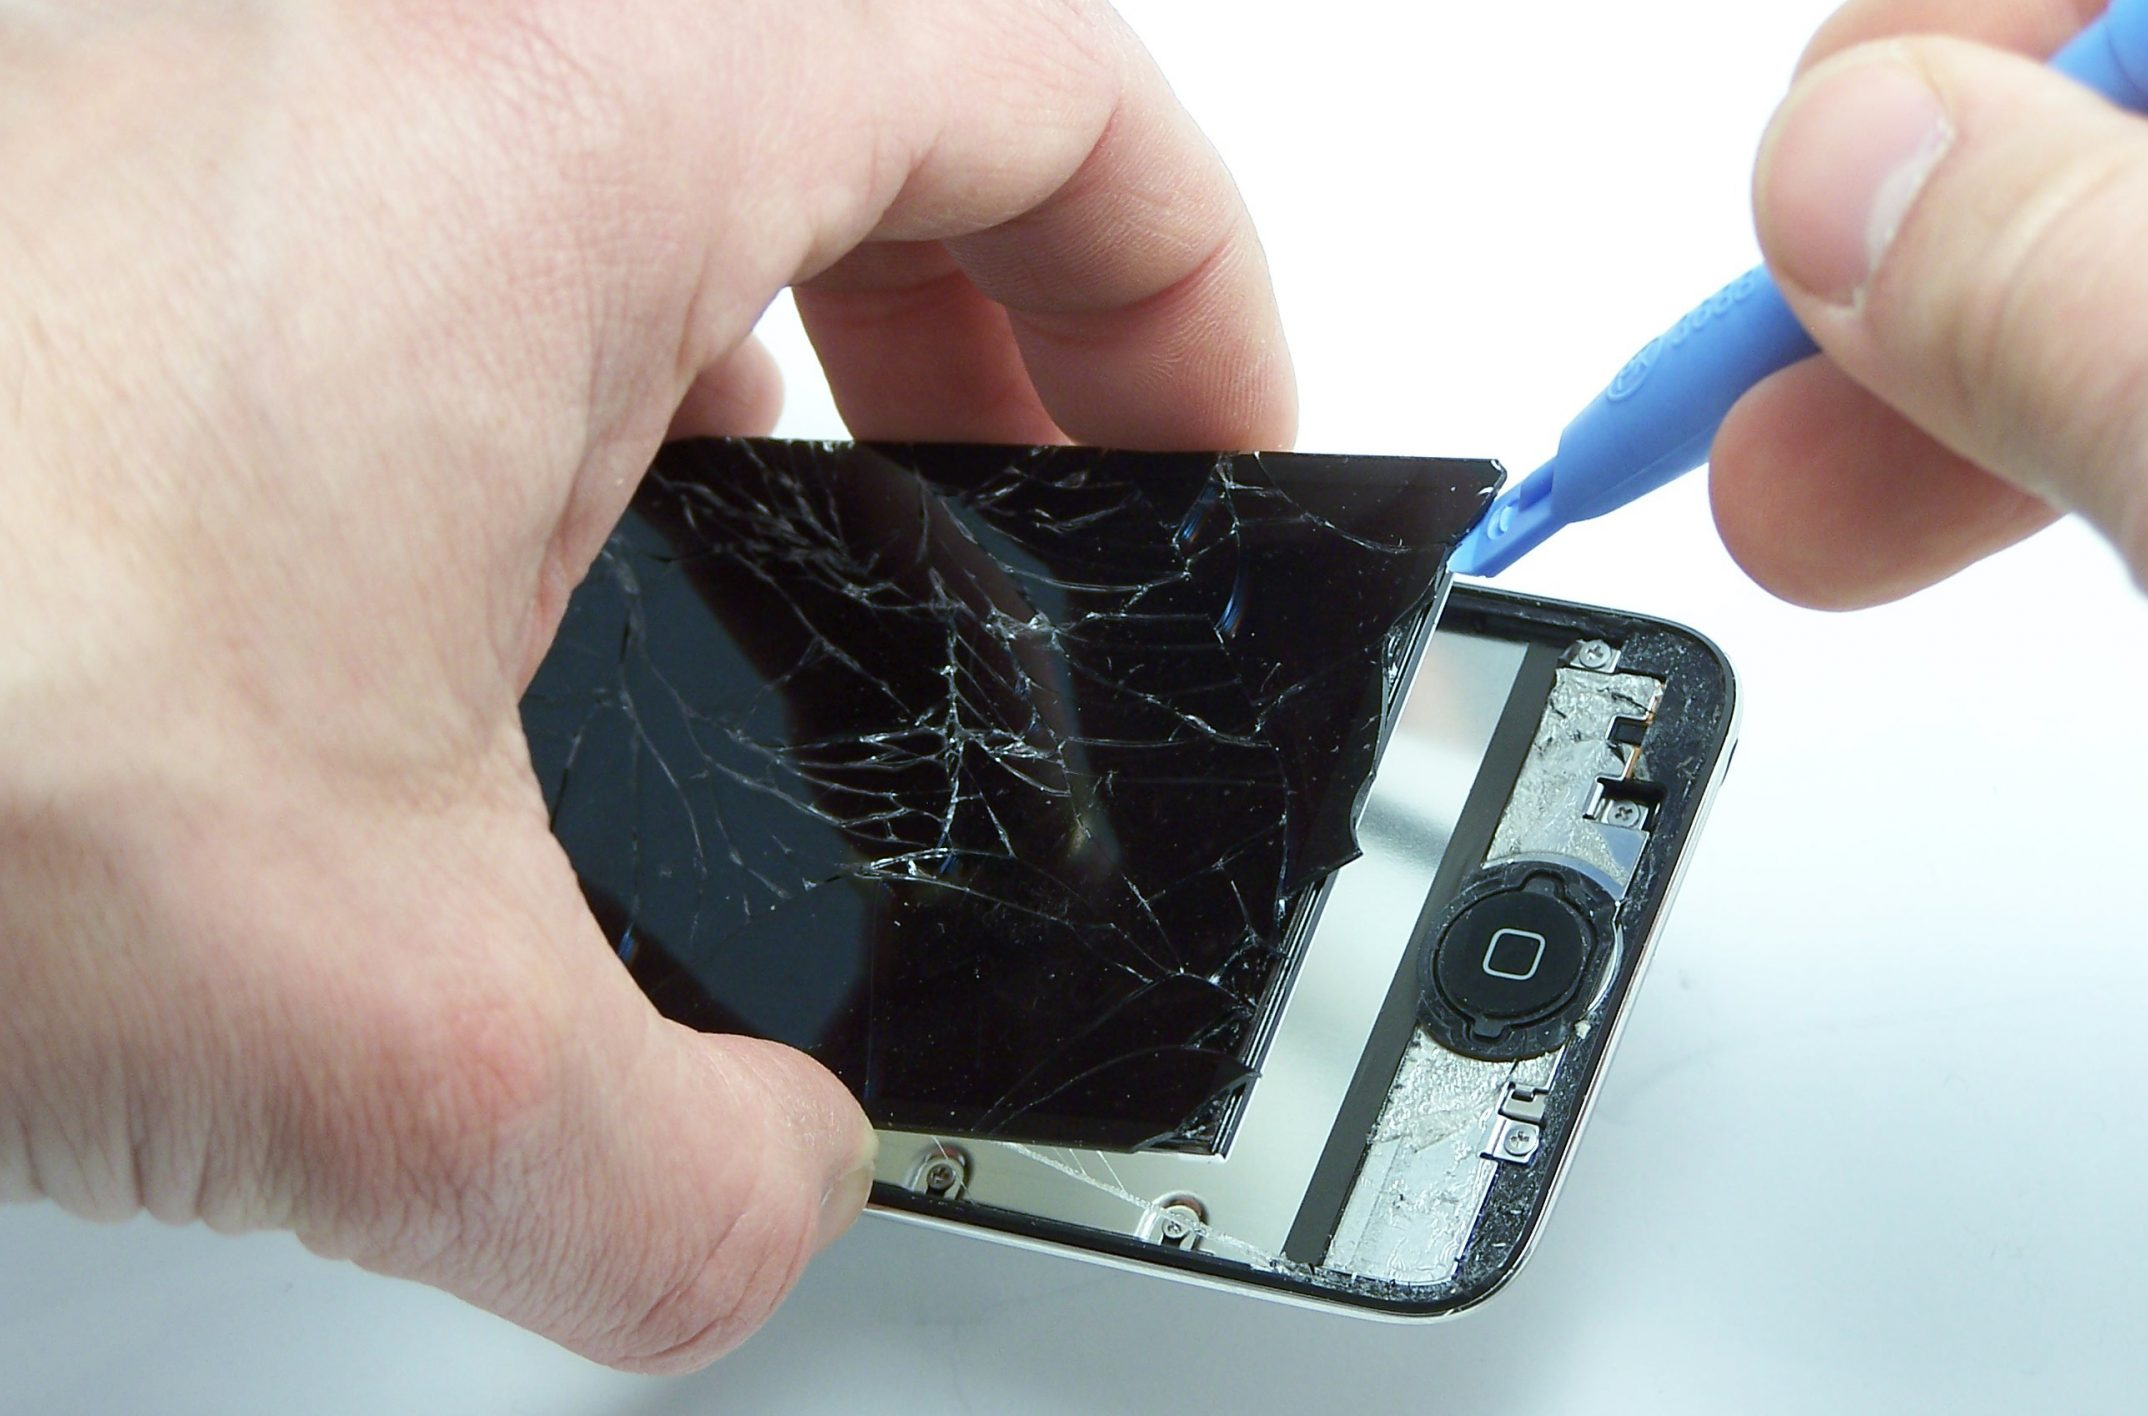 Comment j'ai pu réparer mon smartphone sans effort ?